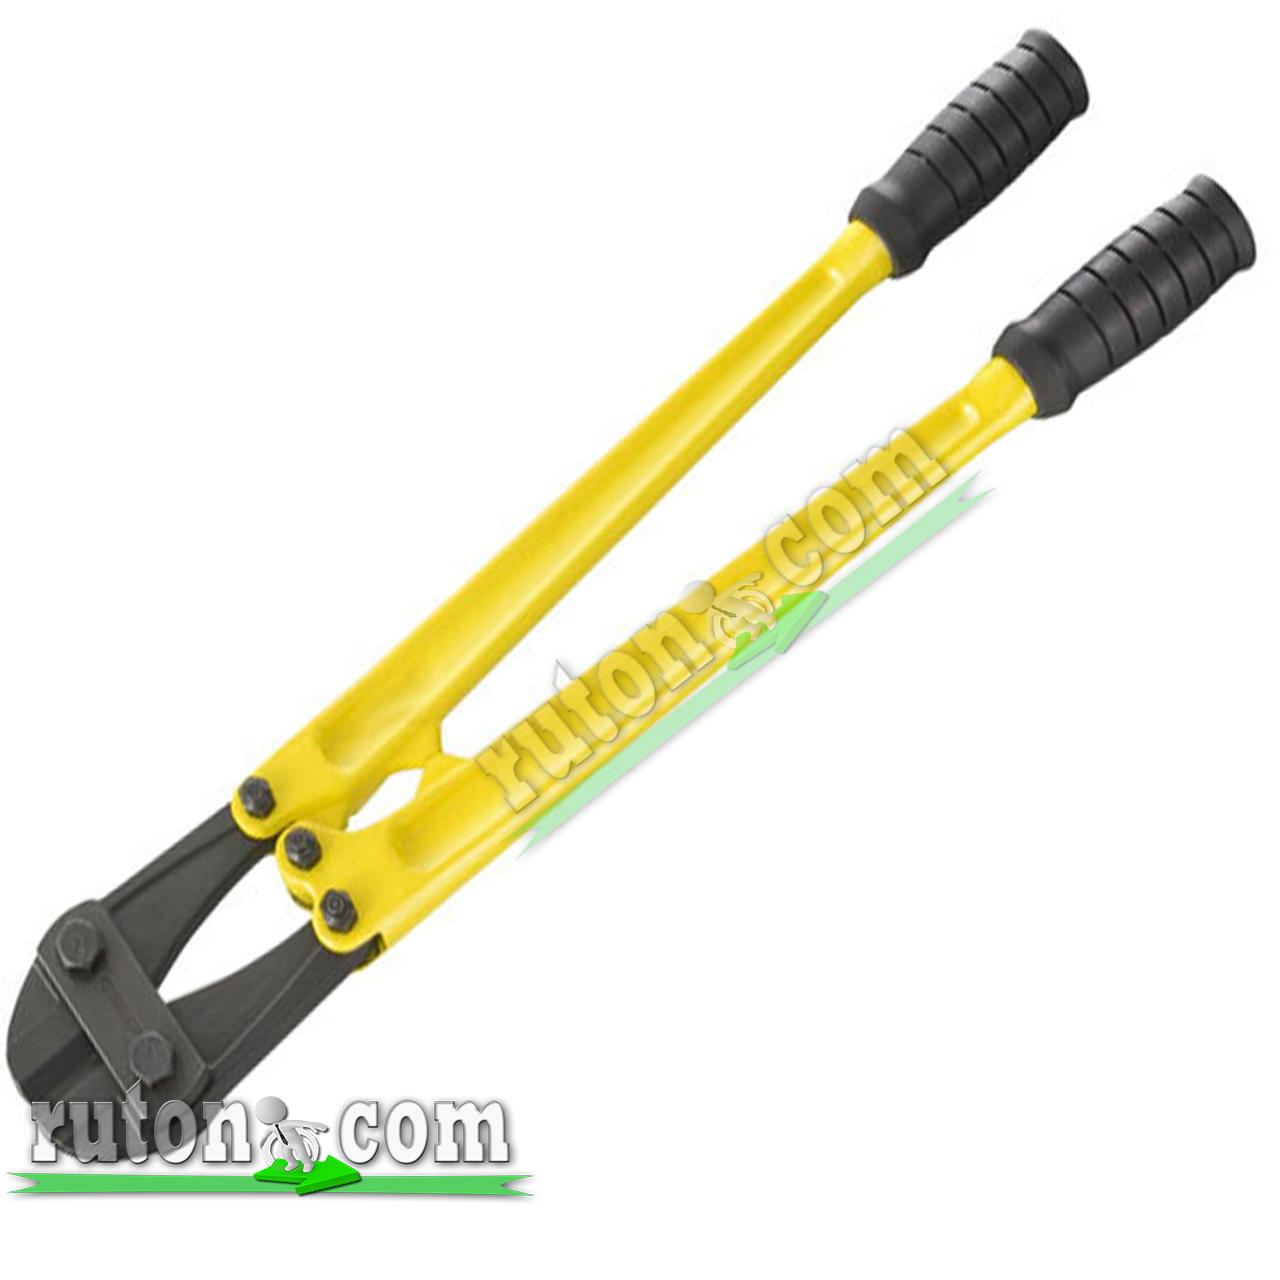 Ножницы арматурные 600мм, Cr-V, max 8мм HTOOLS 01K153